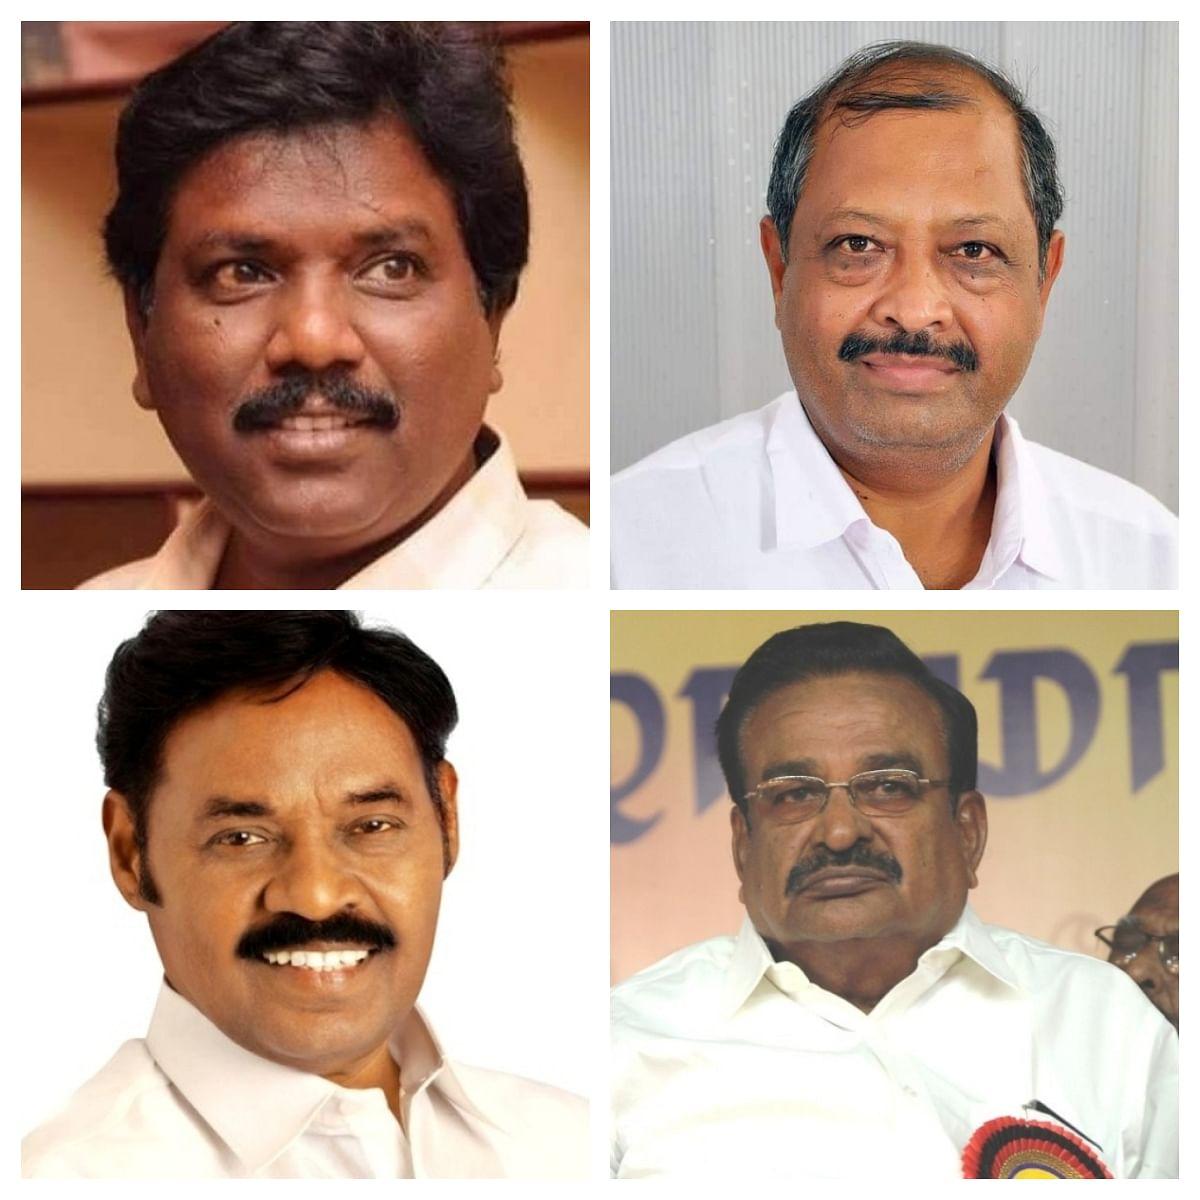 Ganesa moorthy, Ravikumar, Sinraj, Paarivendhar